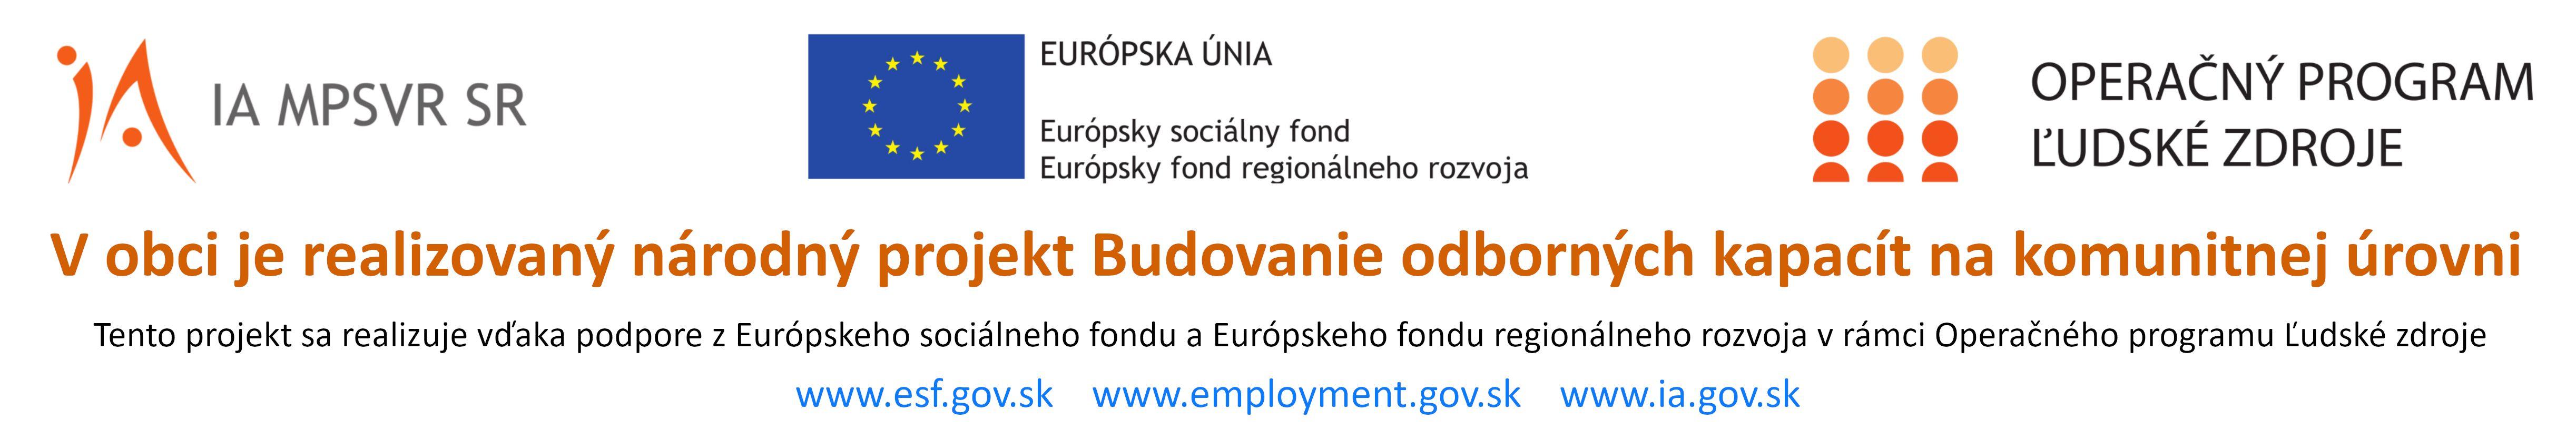 Národný projekt: Budovanie odborných kapacít na komunitnej úrovni (NP BOKKÚ) – projekt sa realizuje